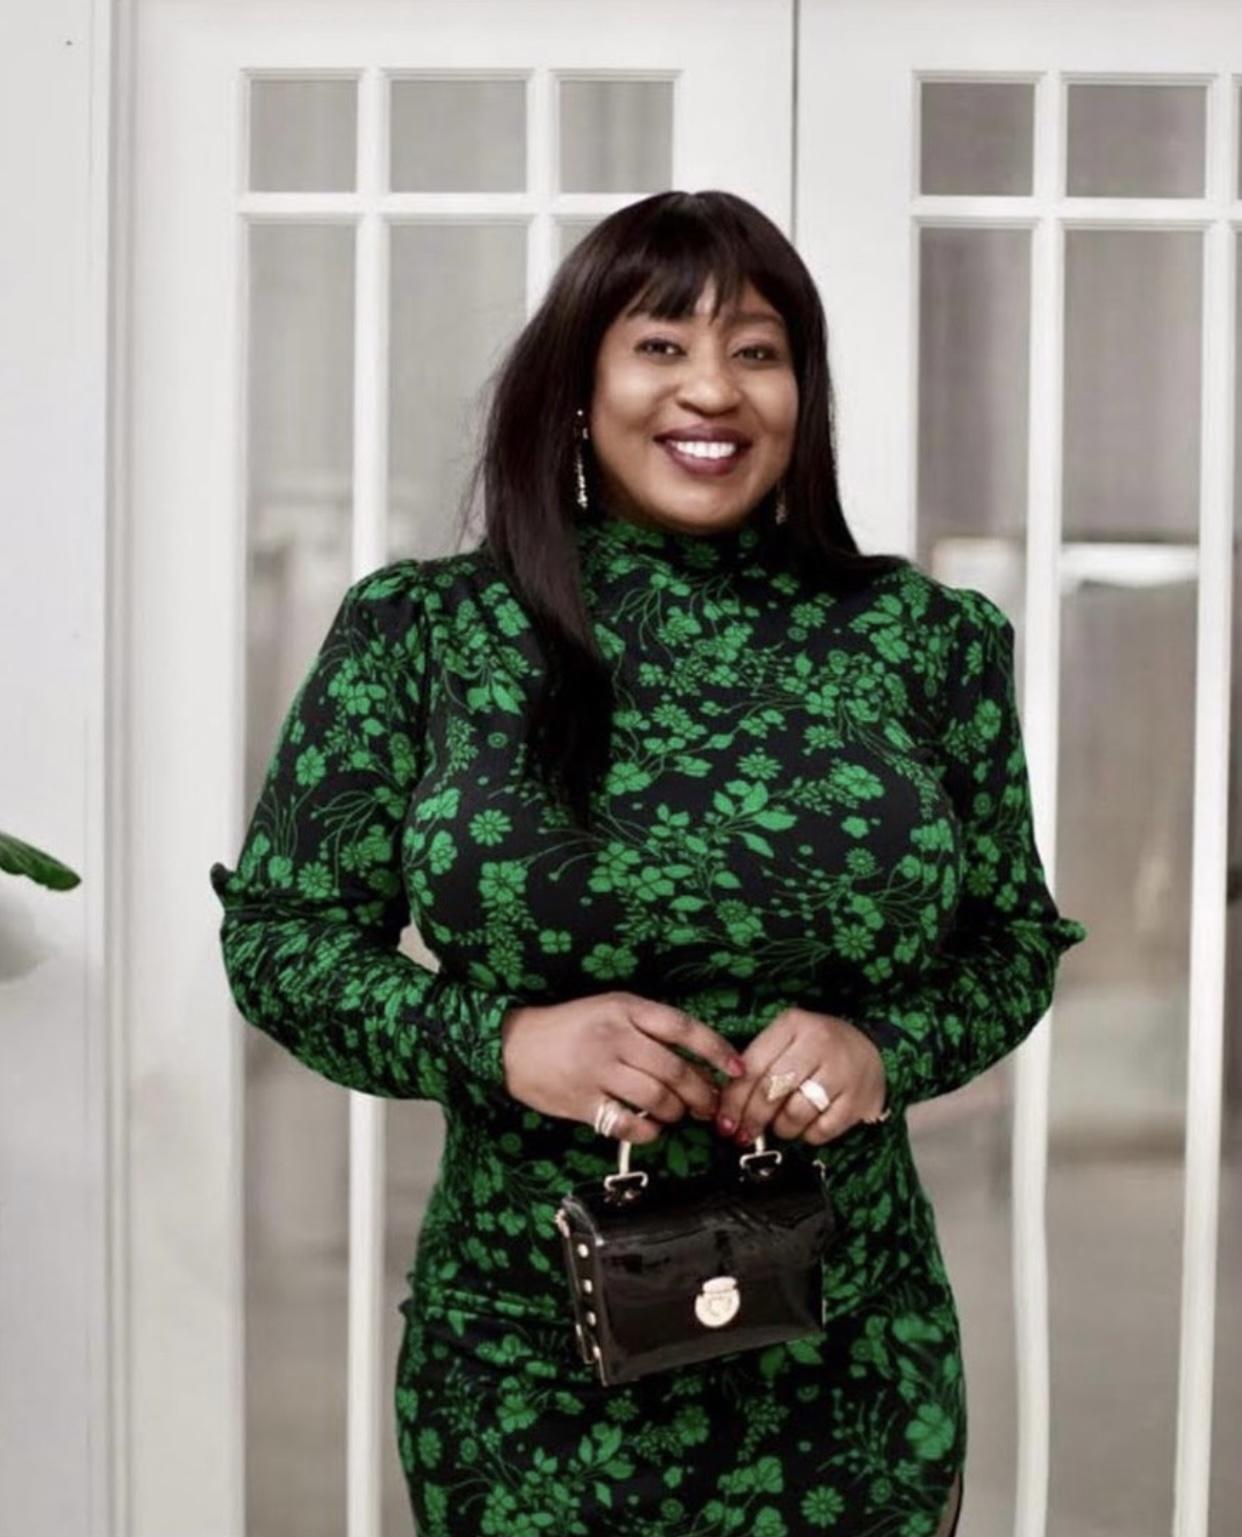 Beautiful-green-prints-midid-dress-target-hypnozglam